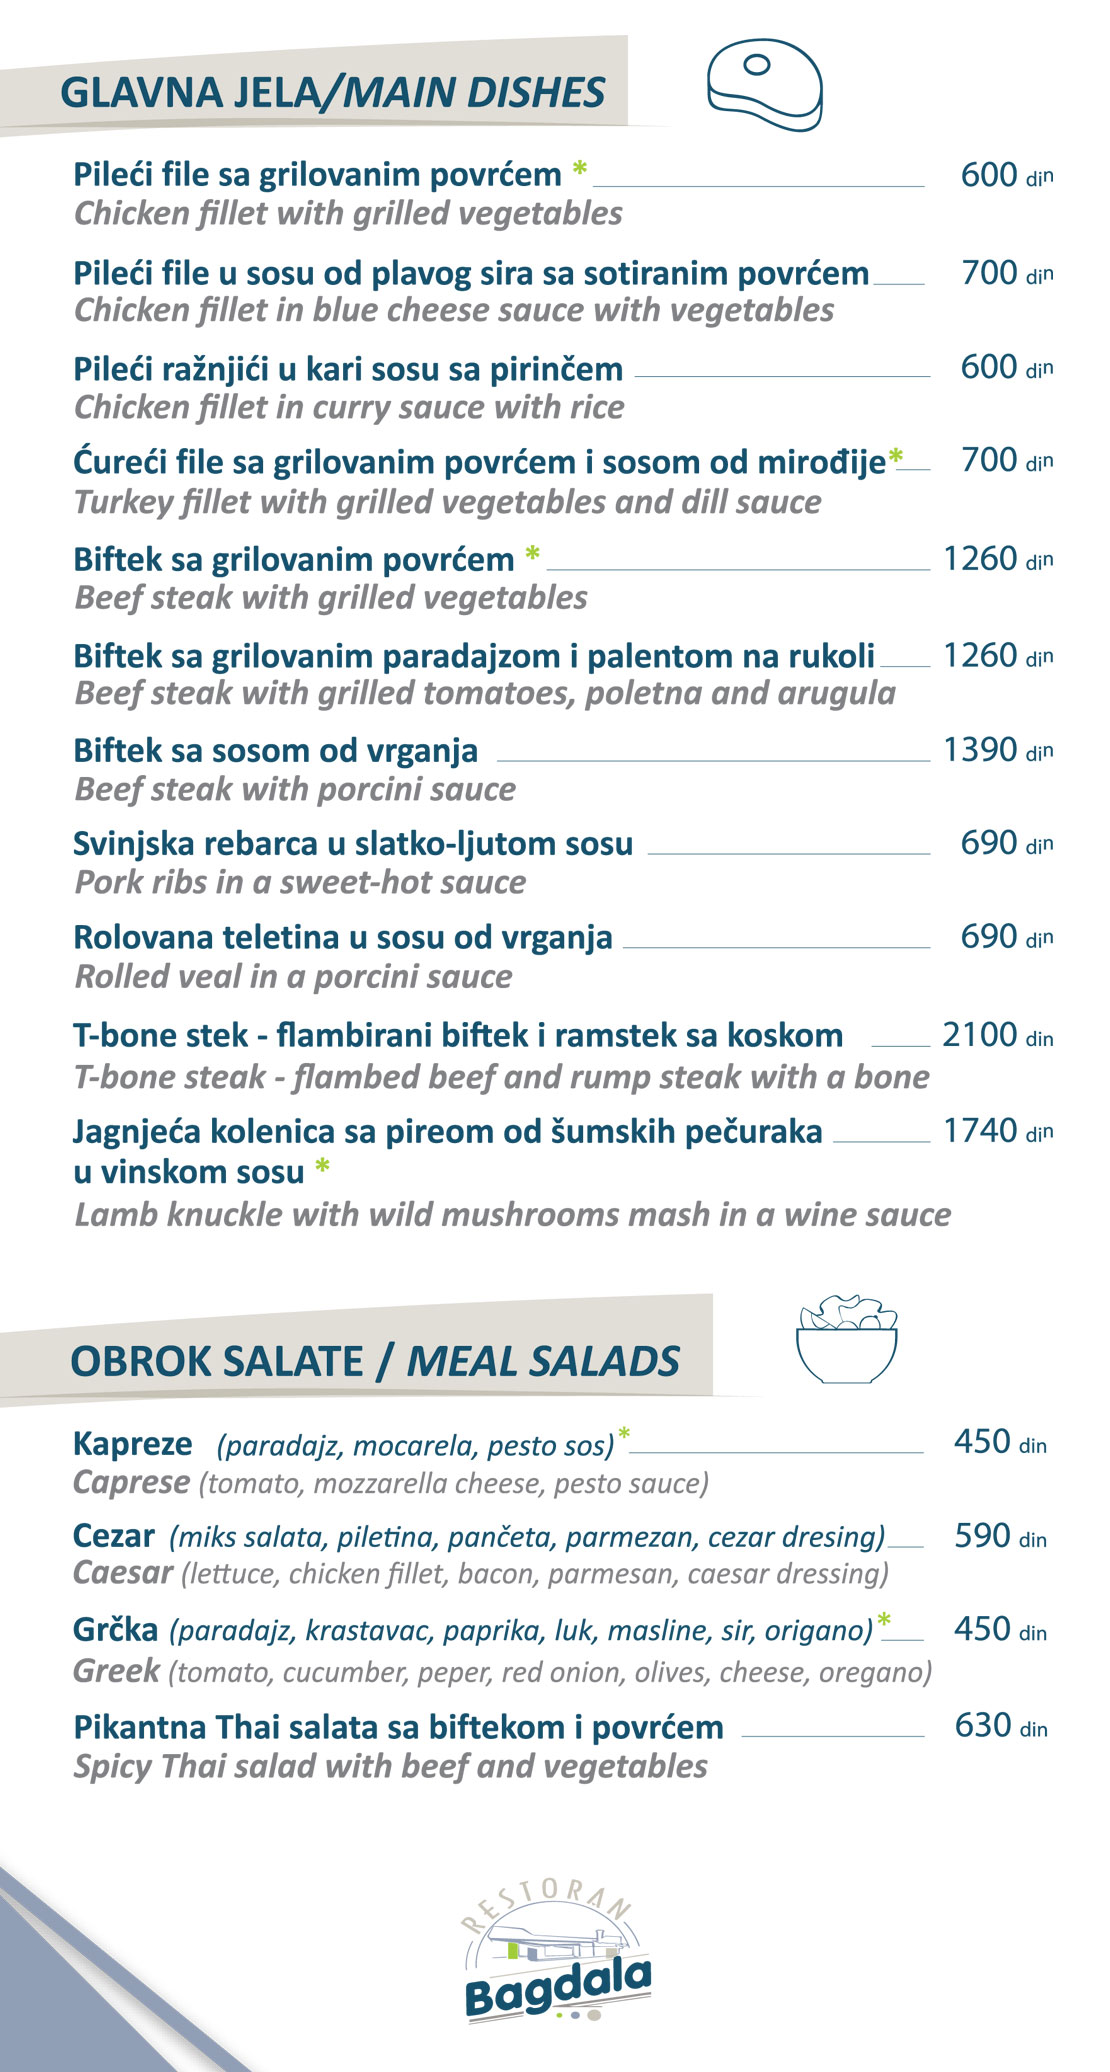 Glavna jela/Salate